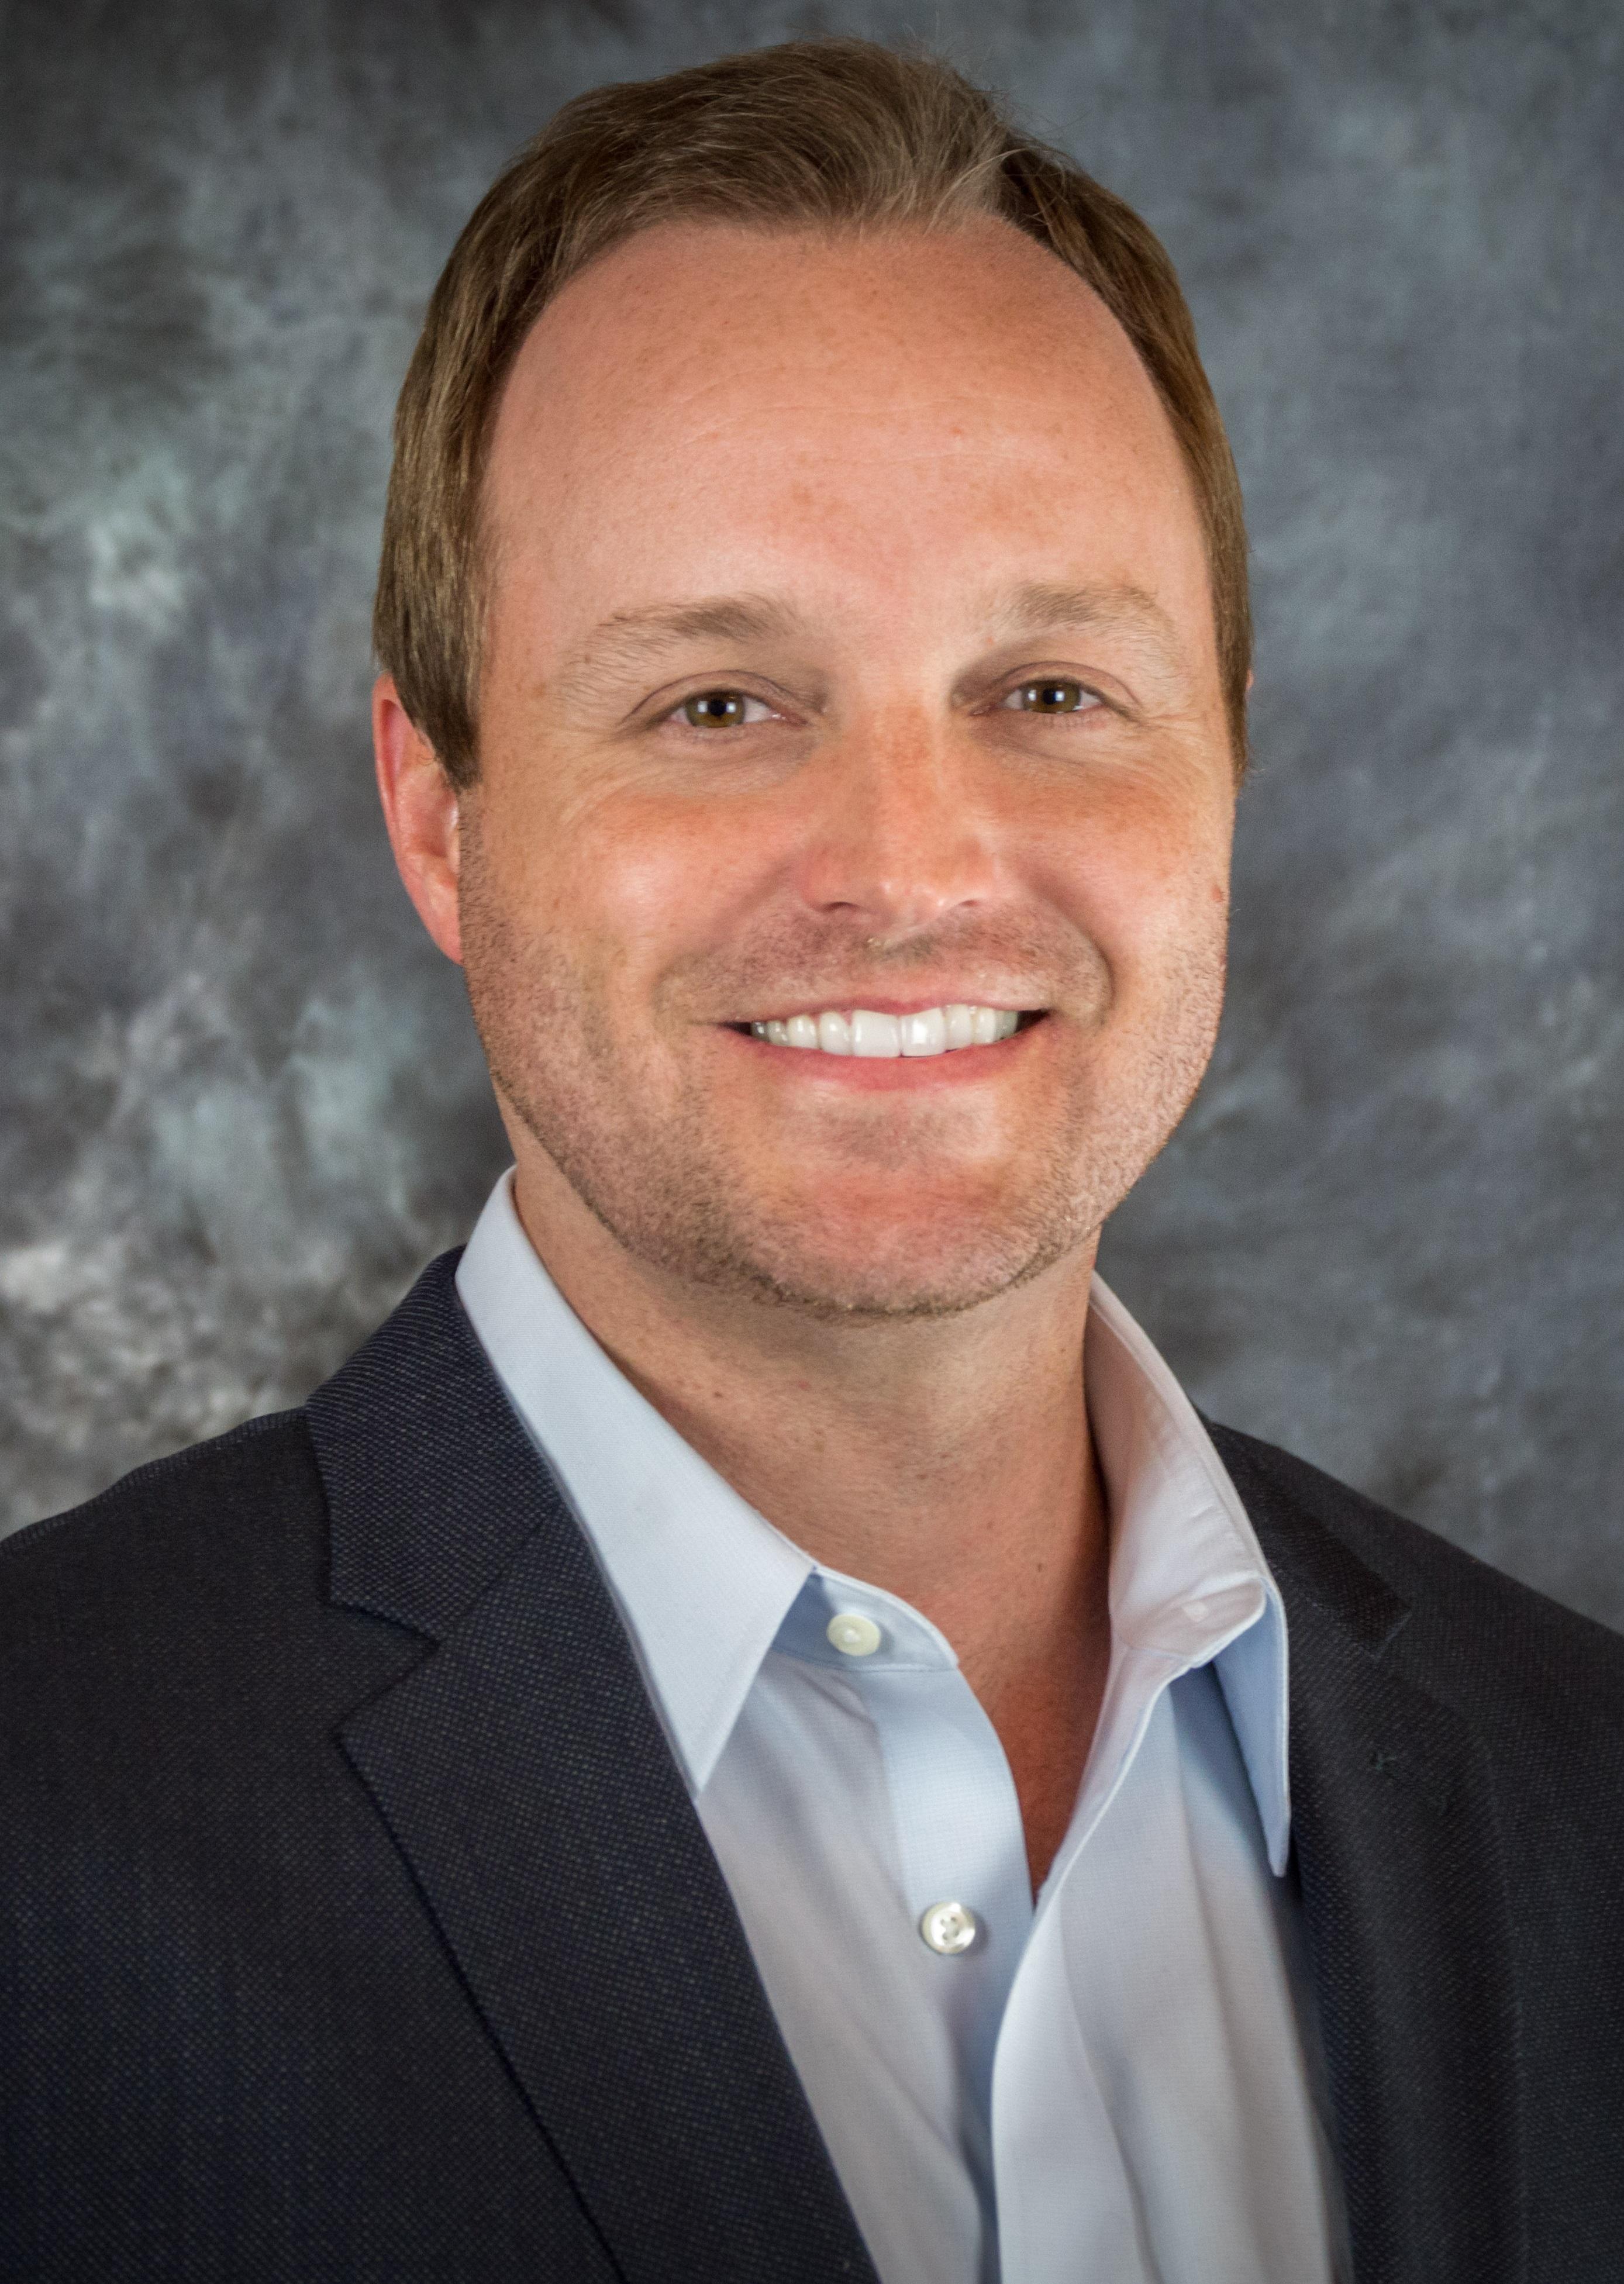 Dillon Rosenhamer, INSURICA